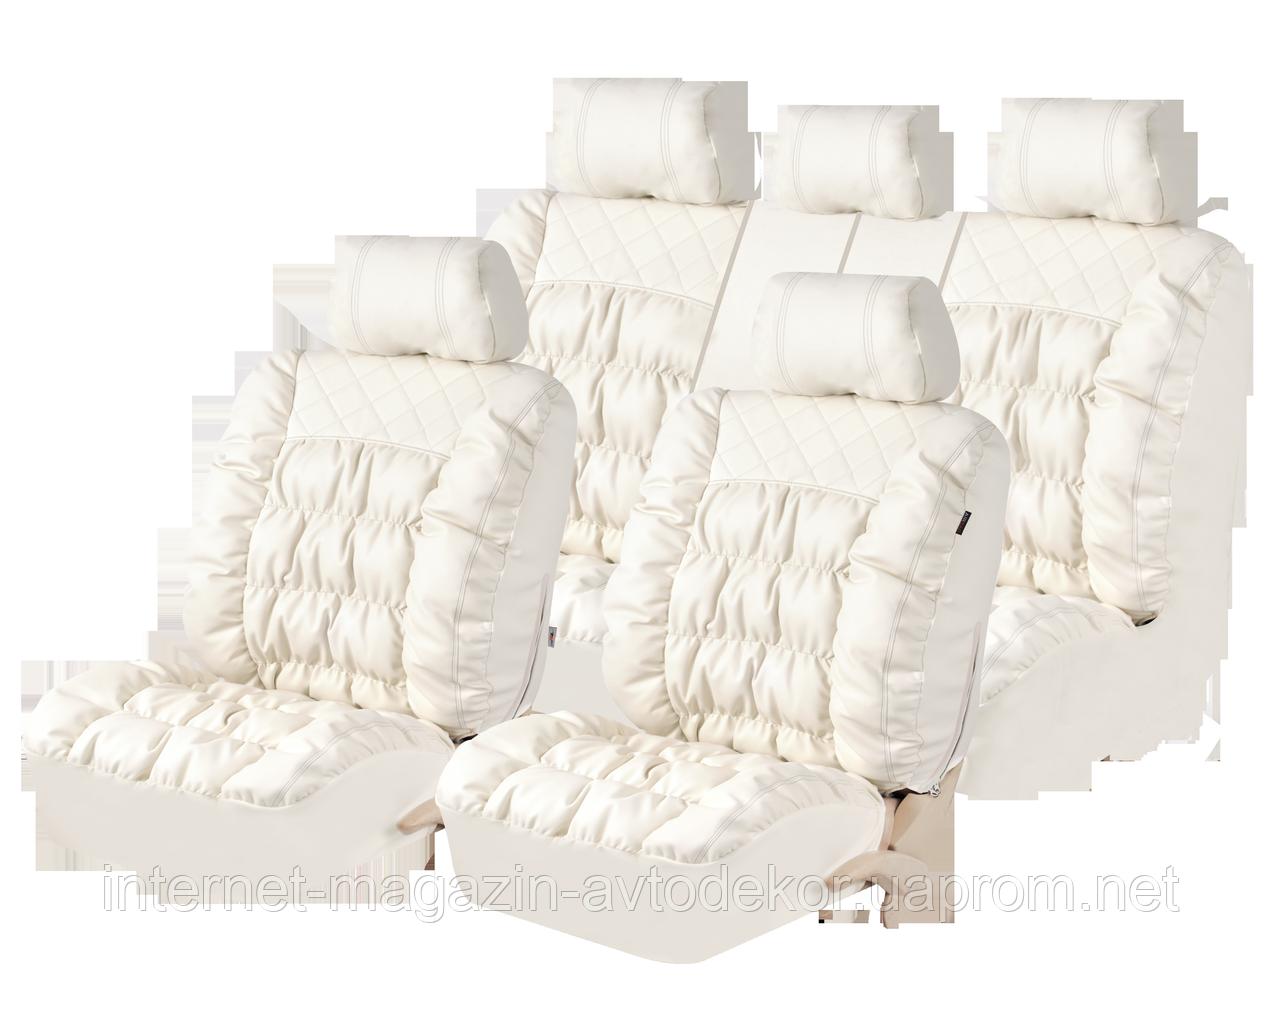 Чехлы на сиденья PSV Magnat качественная экокожа, слоновая кость